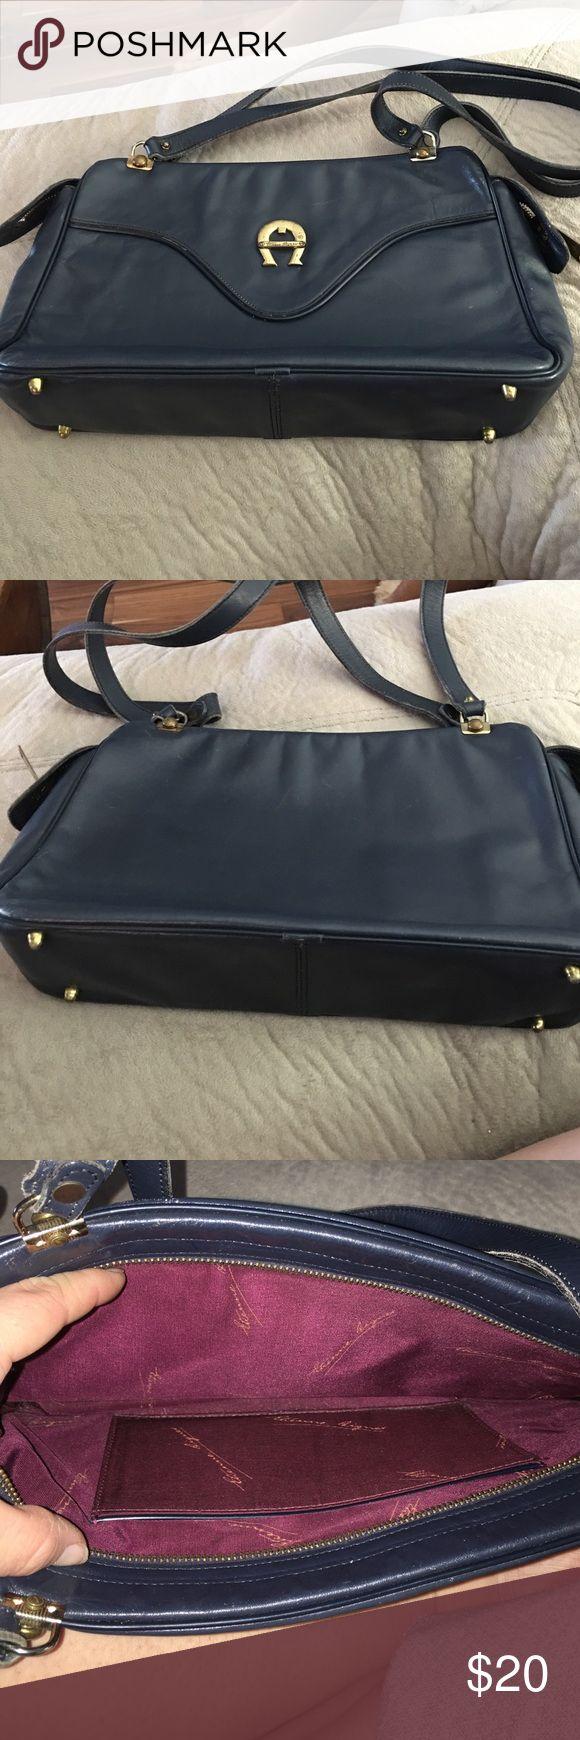 Etienne Aigner vintage Navy shoulder bag Vintage shoulder bag. Has some wear for the age. Great condition inside. Much life still left Etienne Aigner Bags Shoulder Bags